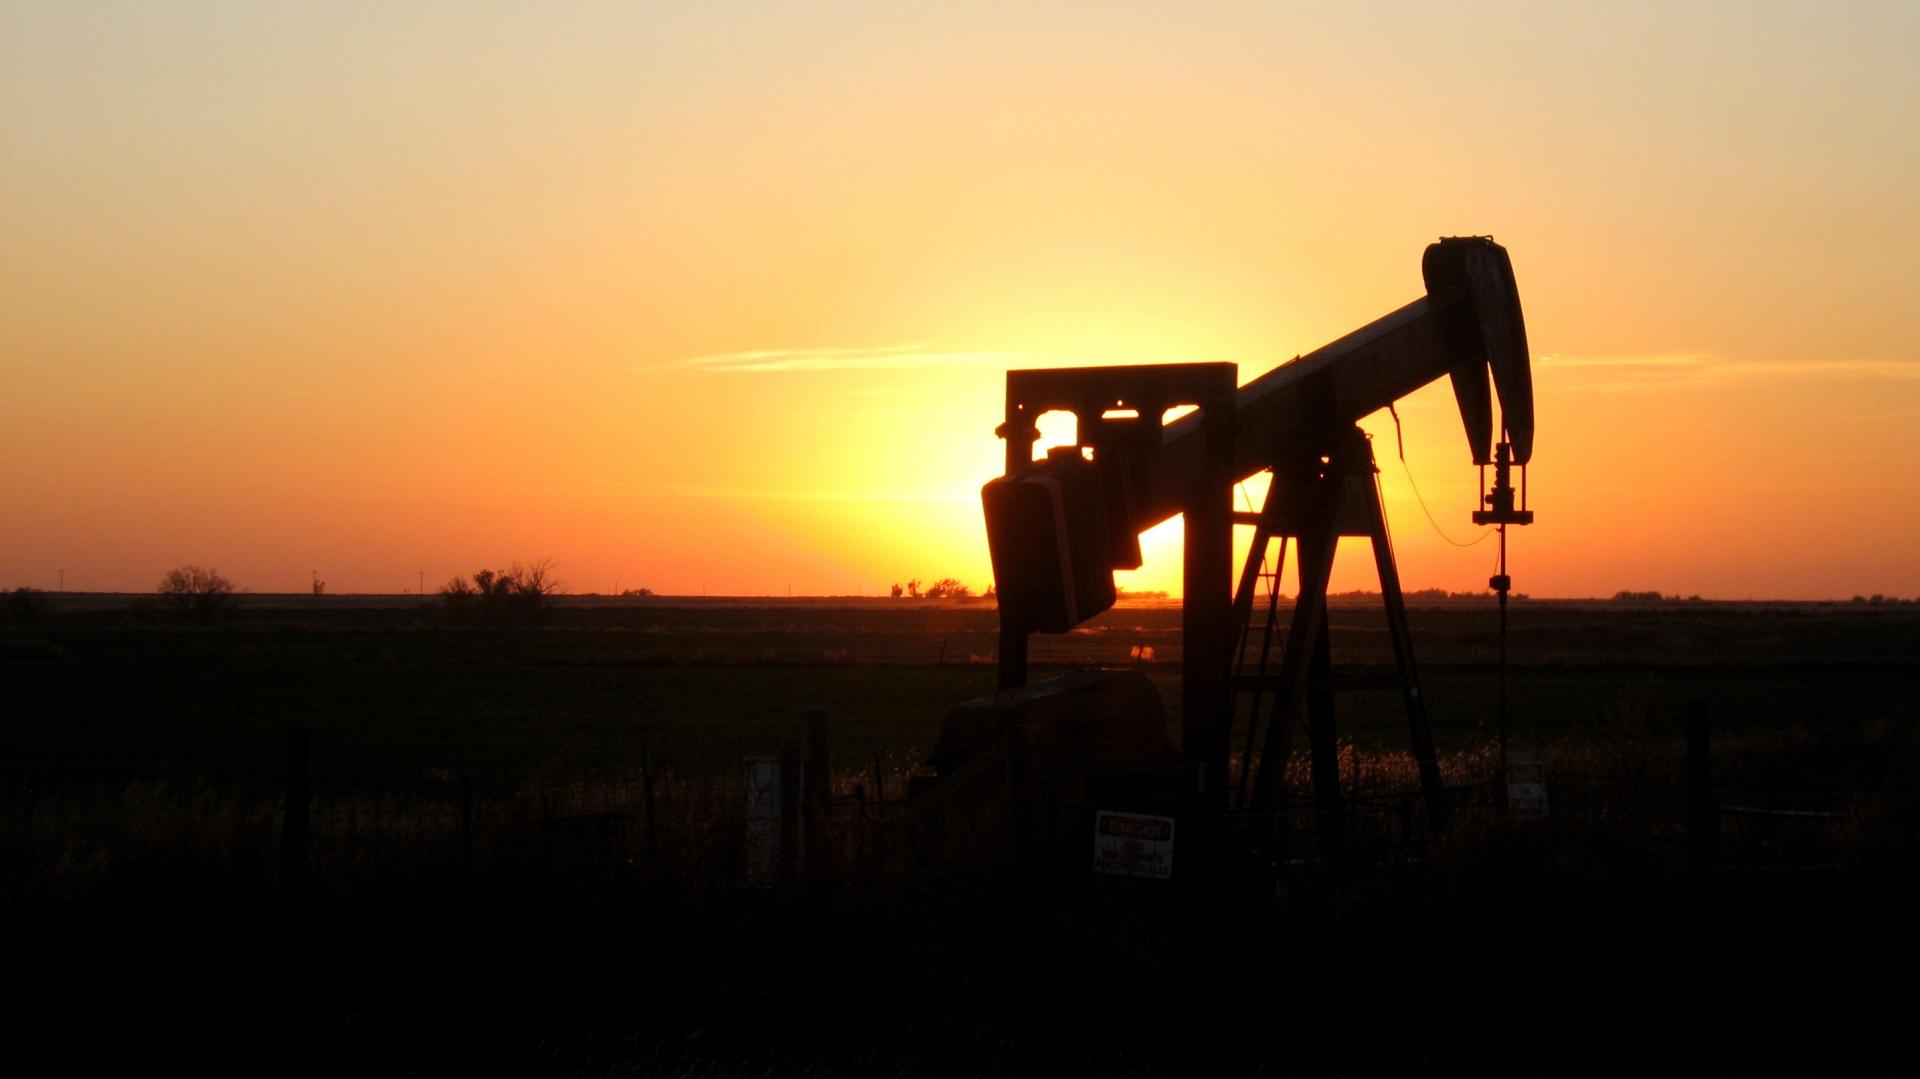 Procjene proizvodnje nekonvencionalne nafte spustile njenu cijenu